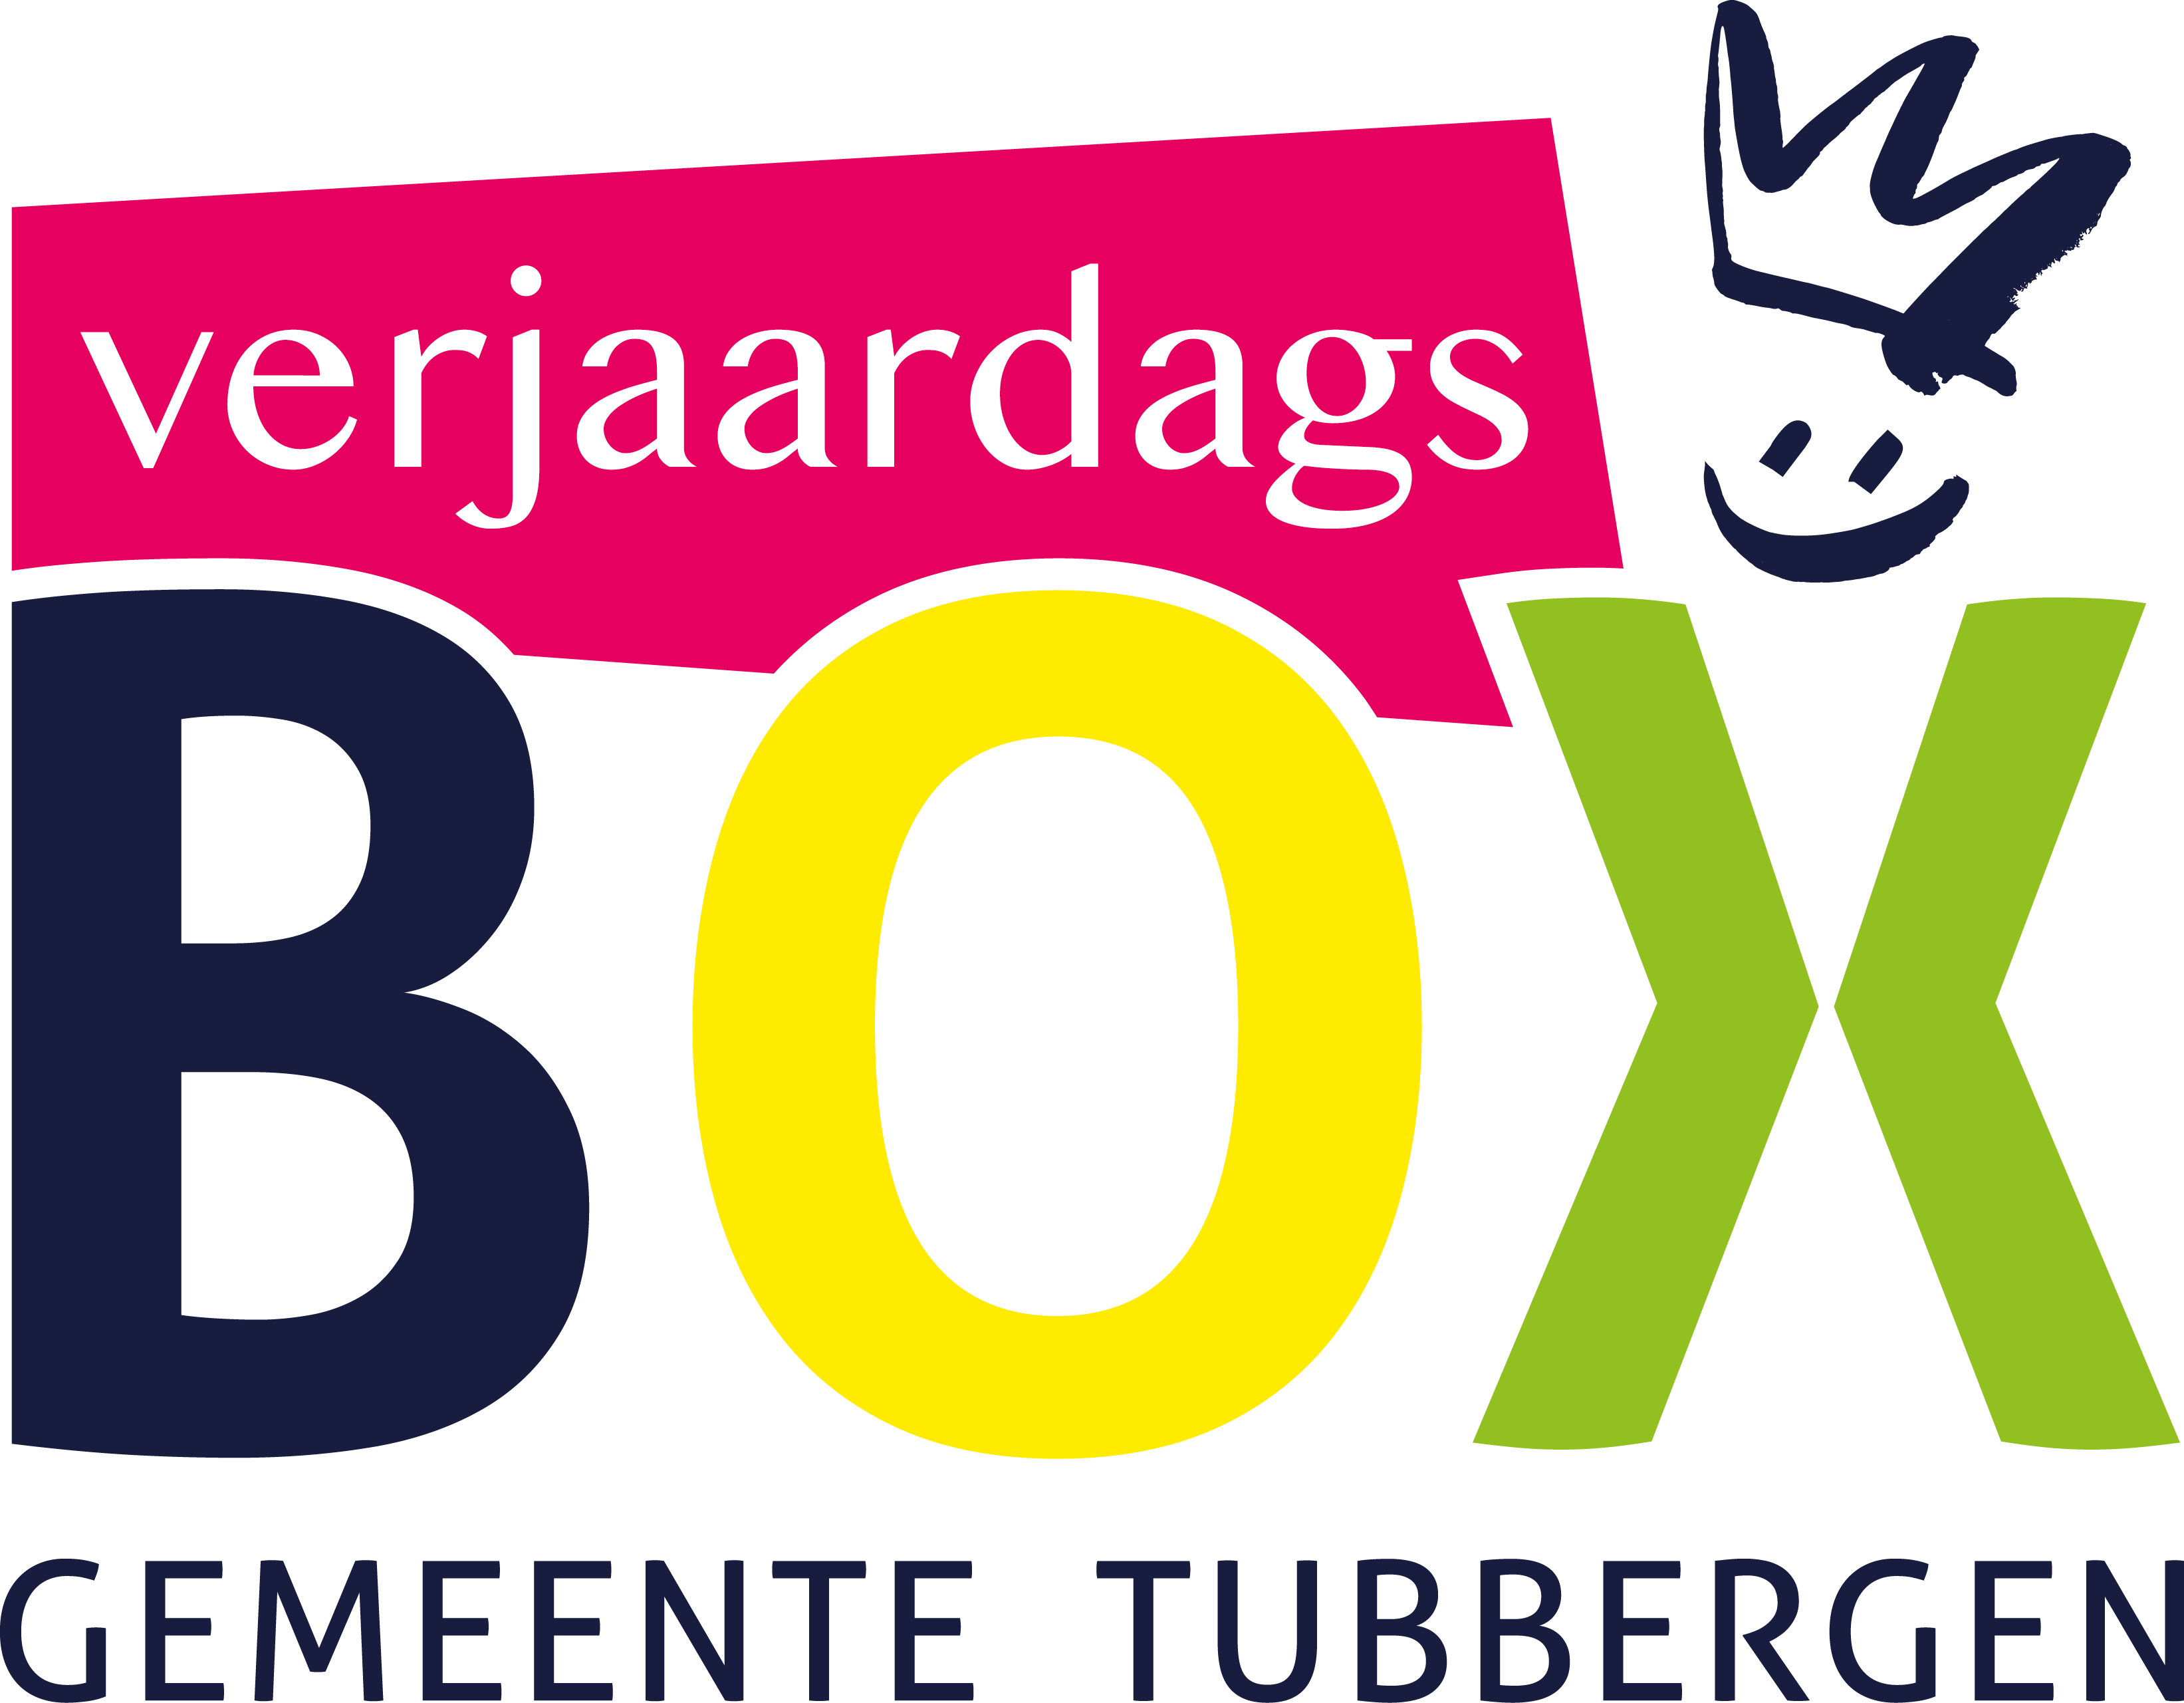 Contact - Verjaardagsbox Tubbergen